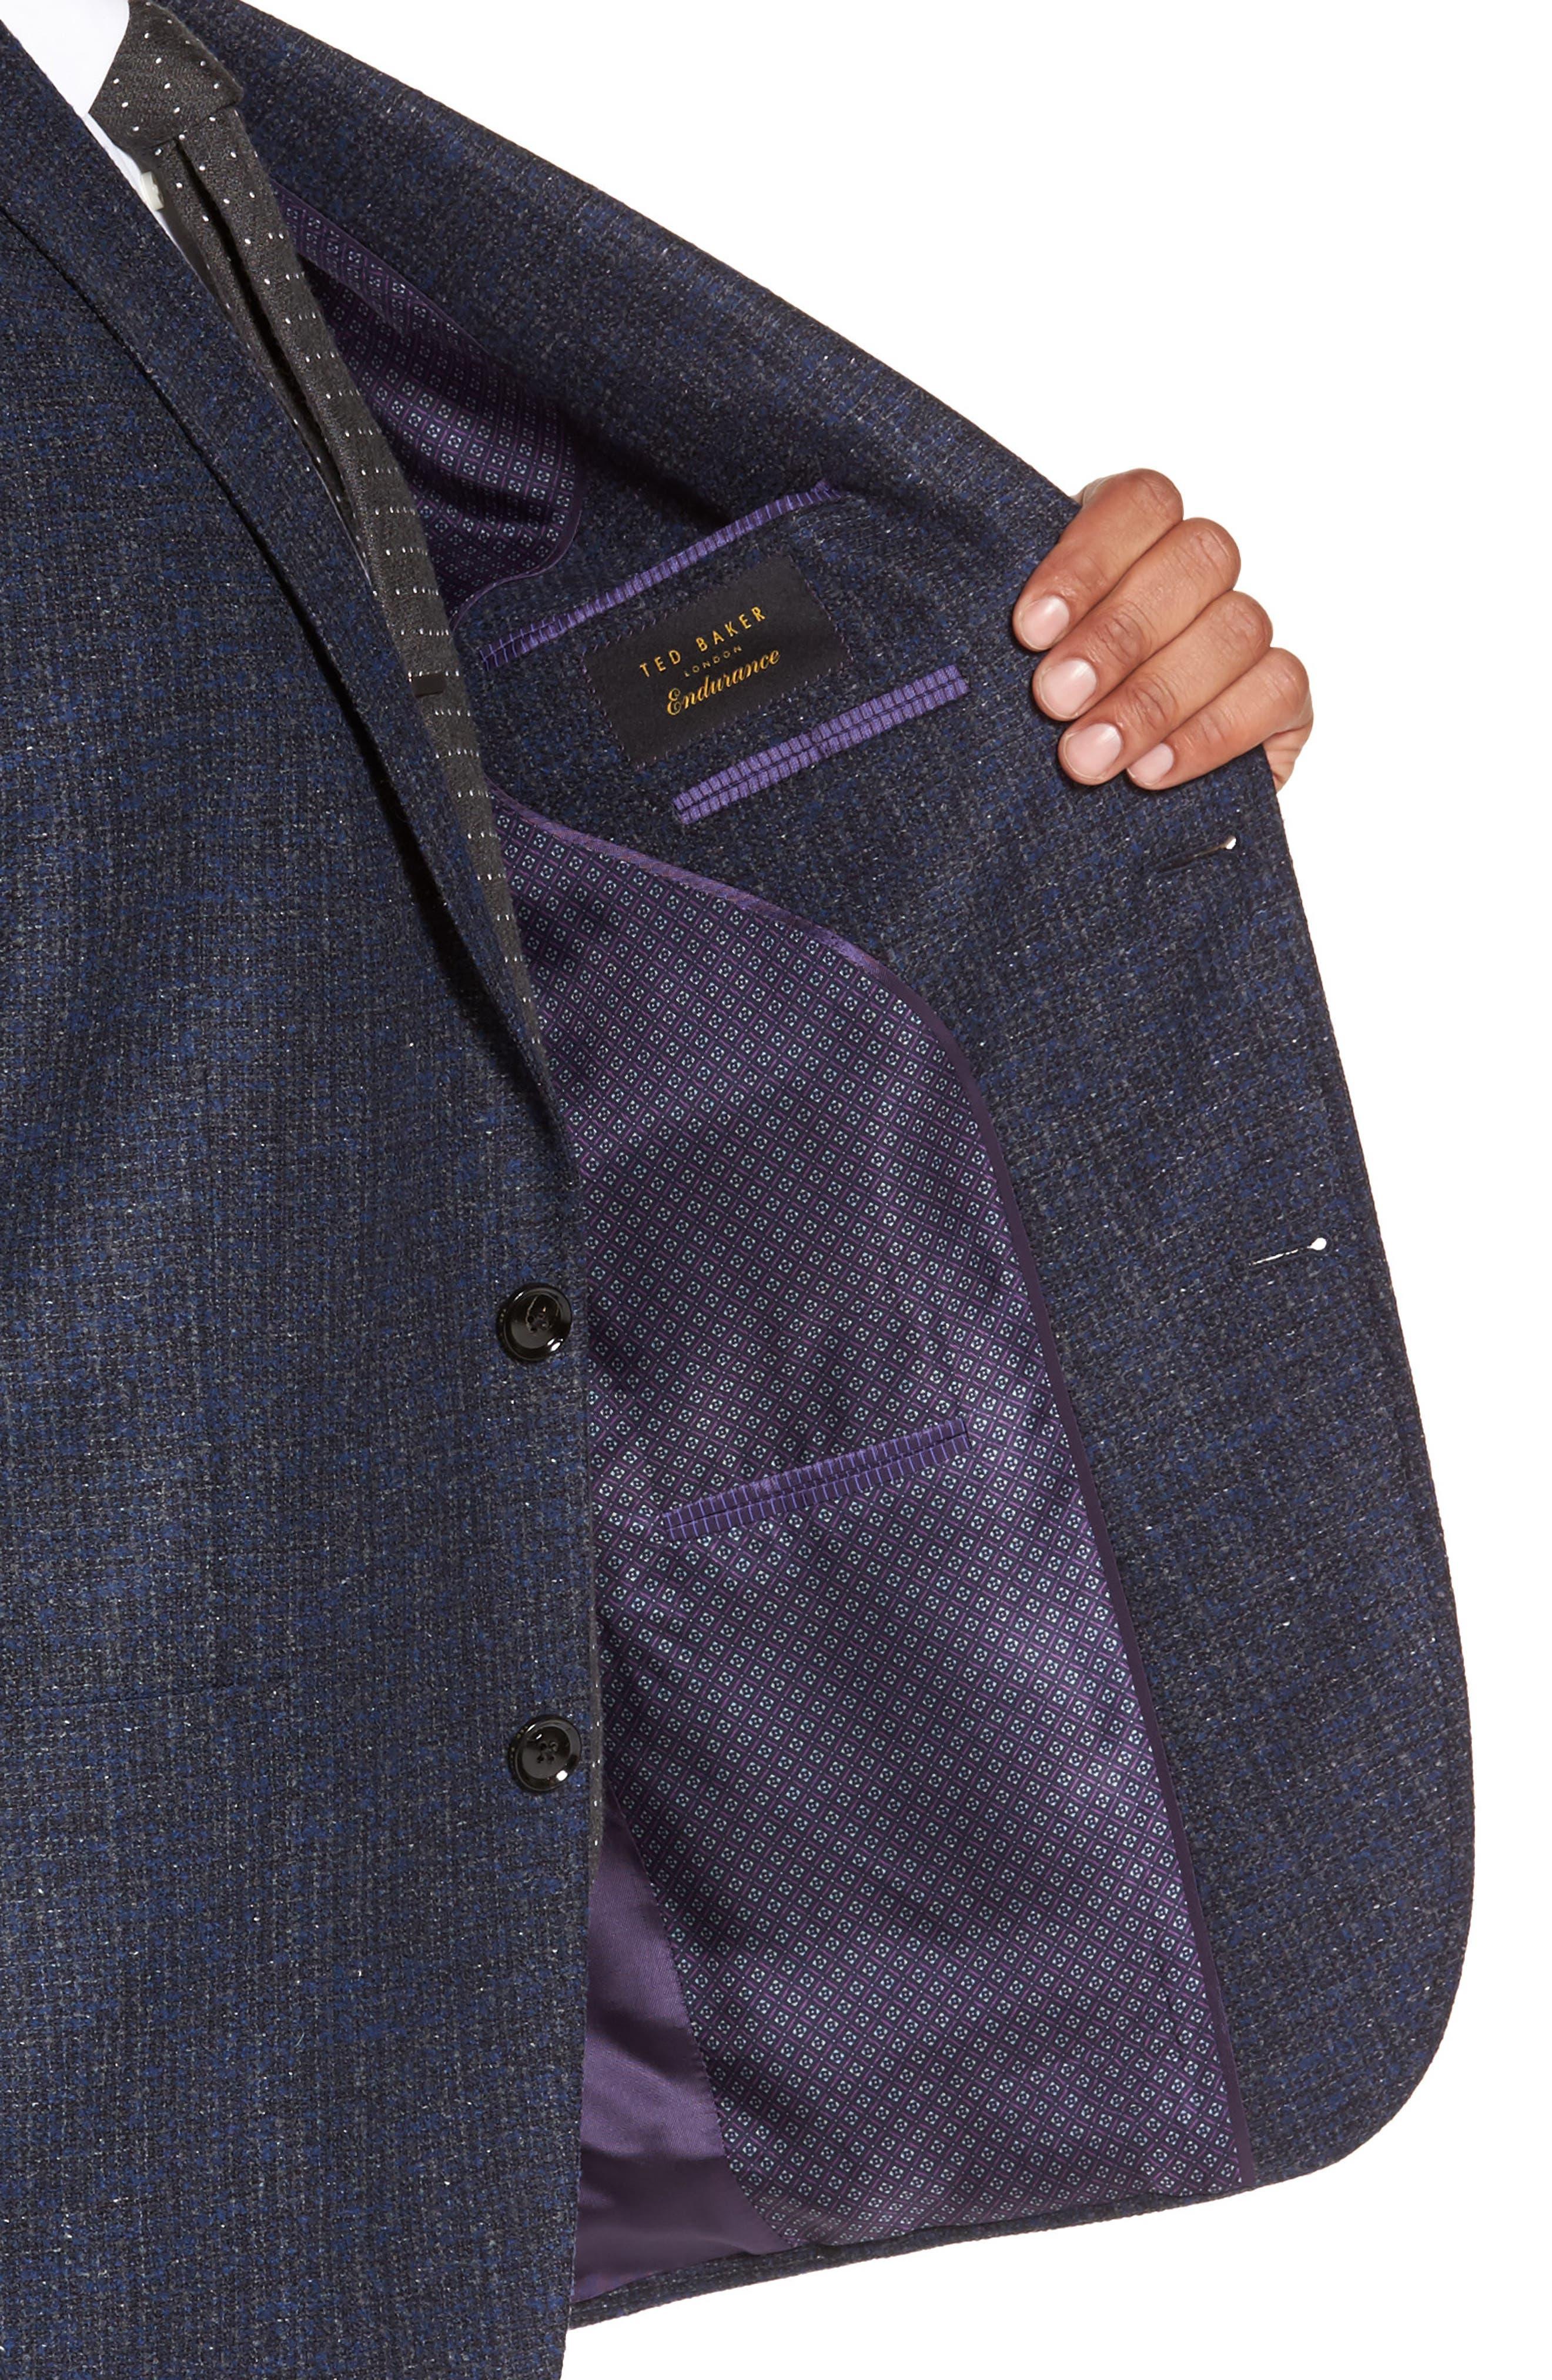 Kyle Trim Fit Wool Blend Blazer,                             Alternate thumbnail 4, color,                             400